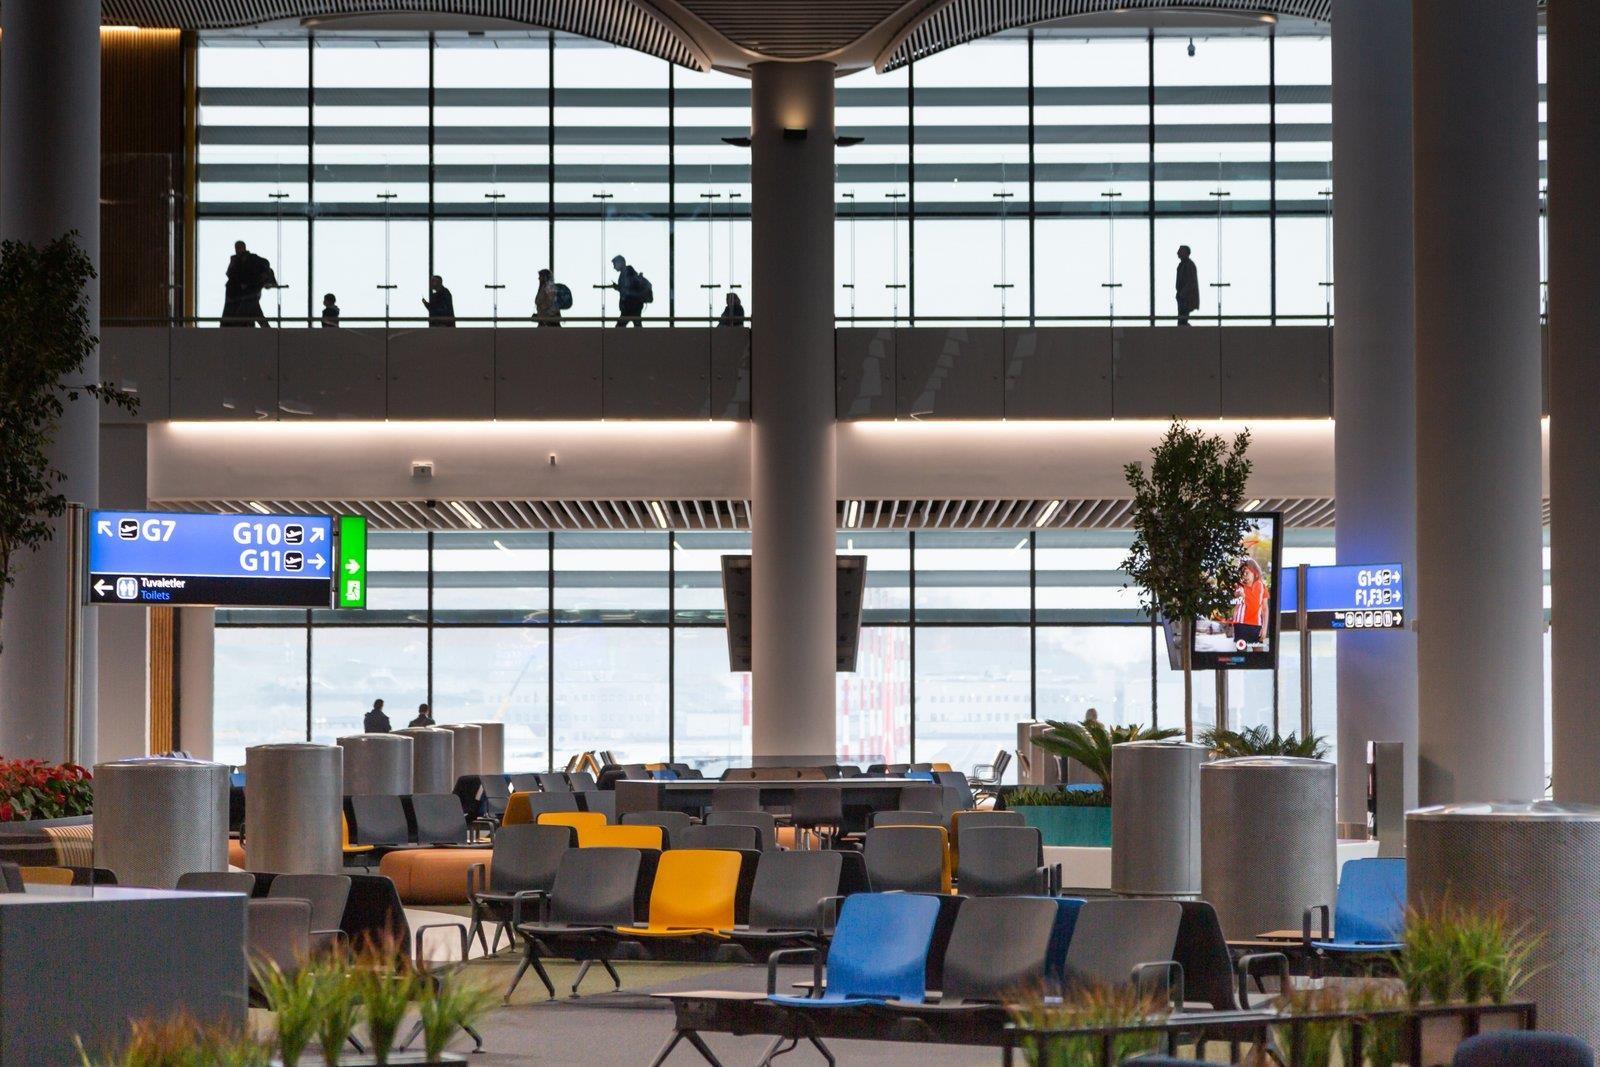 Siêu sân bay 12 tỷ USD của Thổ Nhĩ Kỳ chính thức mở cửa, ai cũng tò mò không biết có gì bên trong - Ảnh 4.